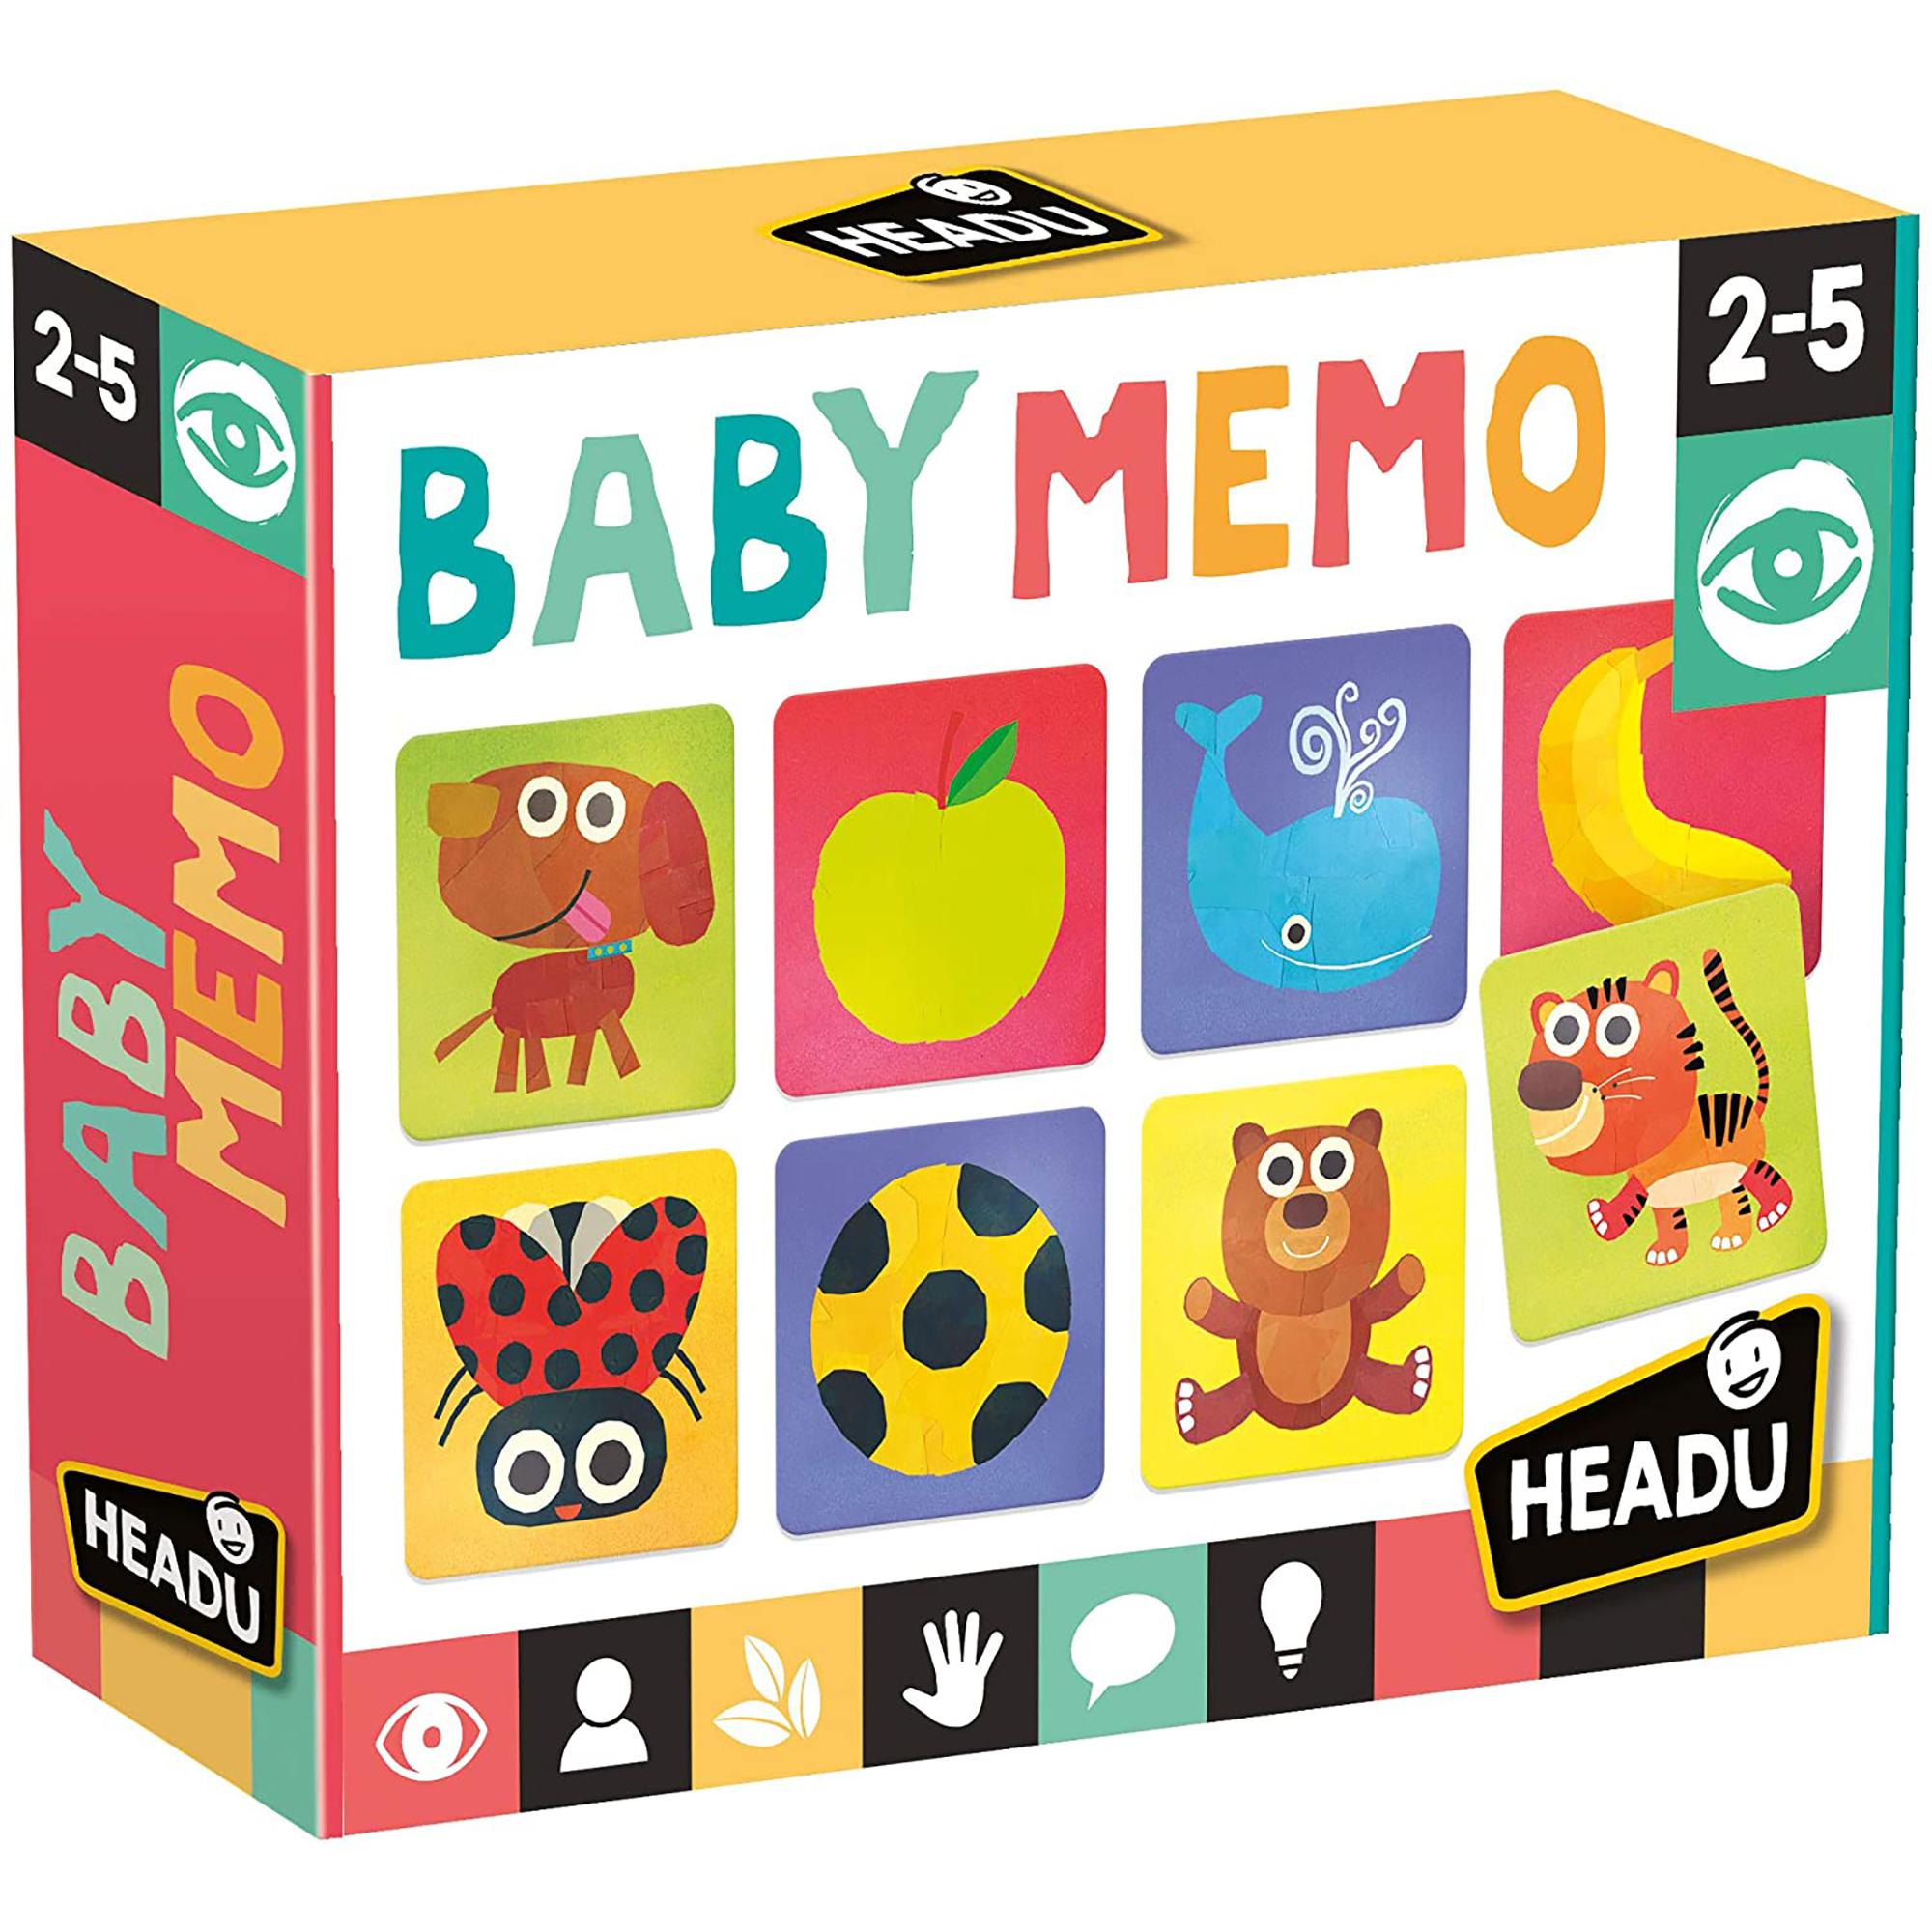 Joc de memorie baby memo headu